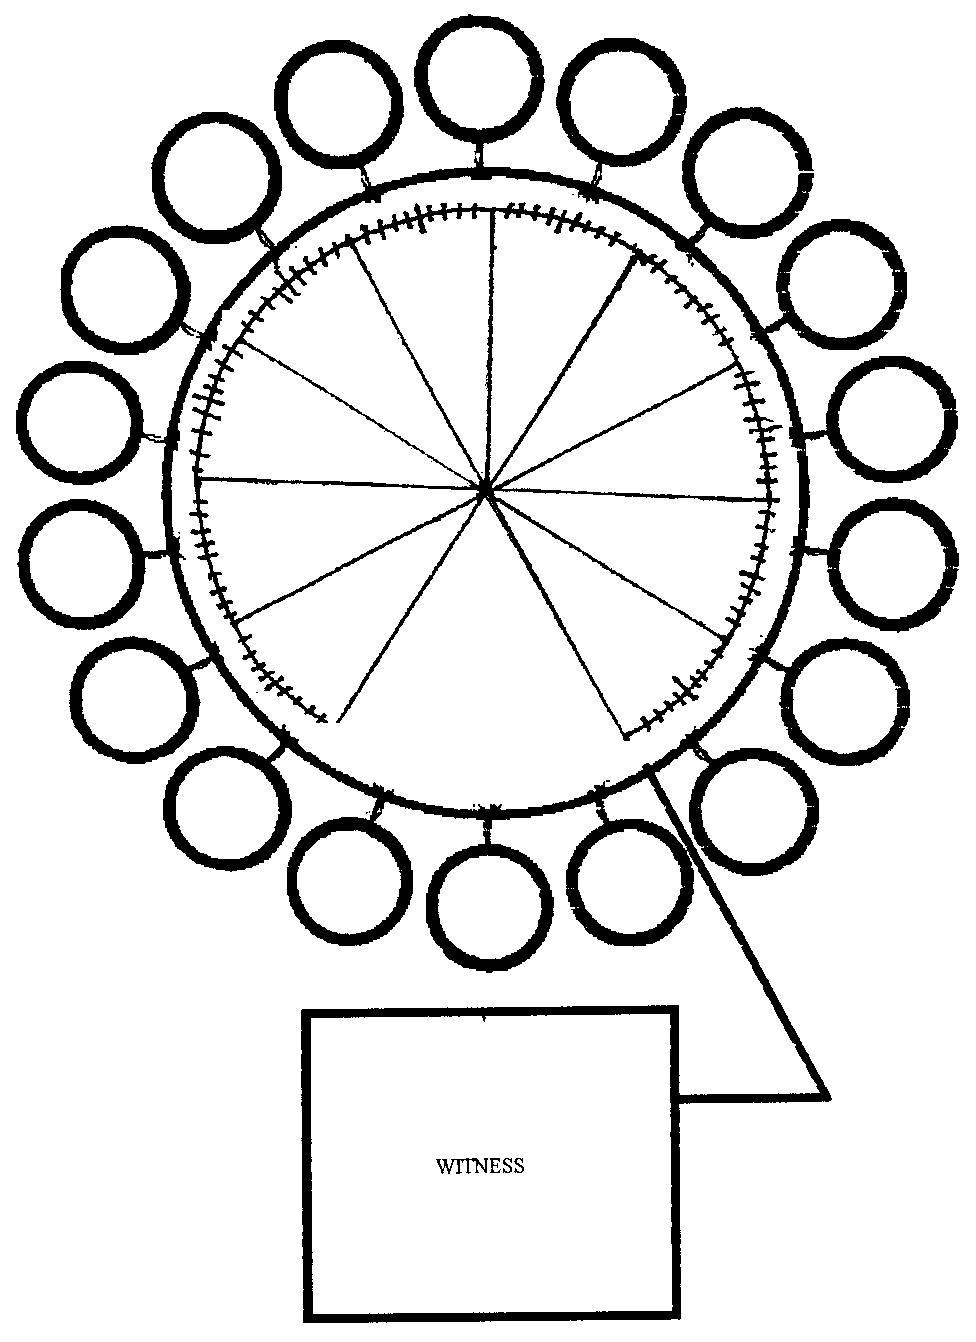 psionics radionics psychotronics applications